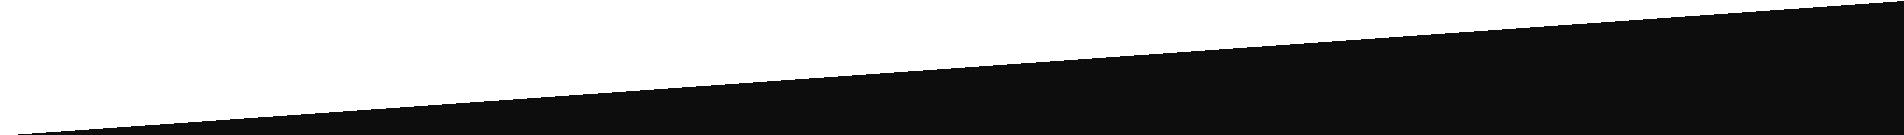 Intellio designers tło strony czarne białe - projektujemy i aranżujemy wnętrza